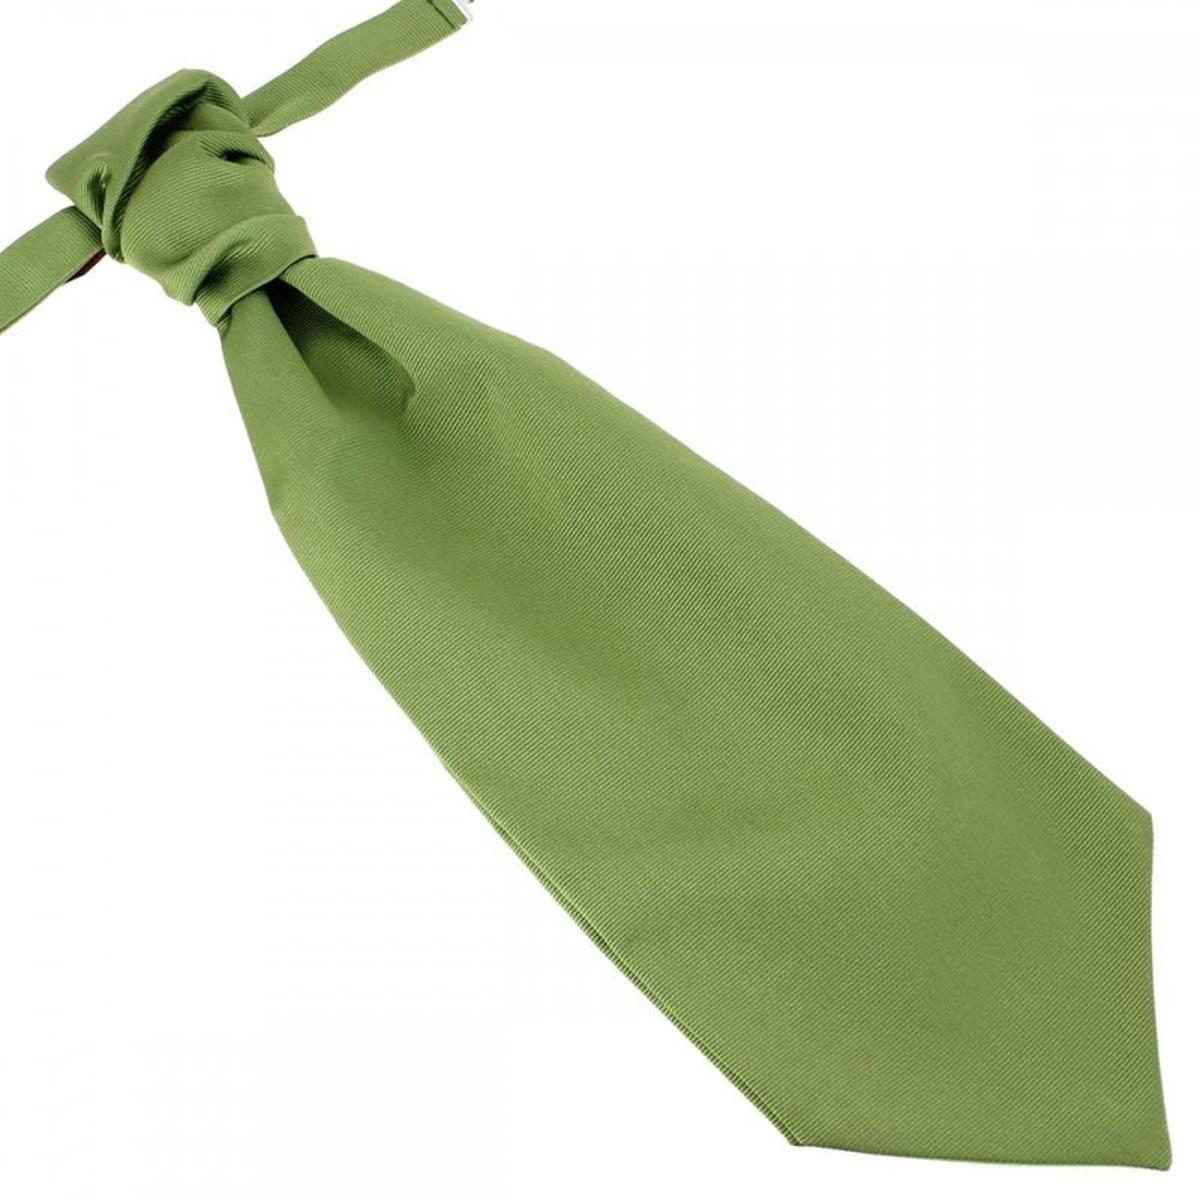 Lavallière nouée en soie, vert Mela, Faite à la main